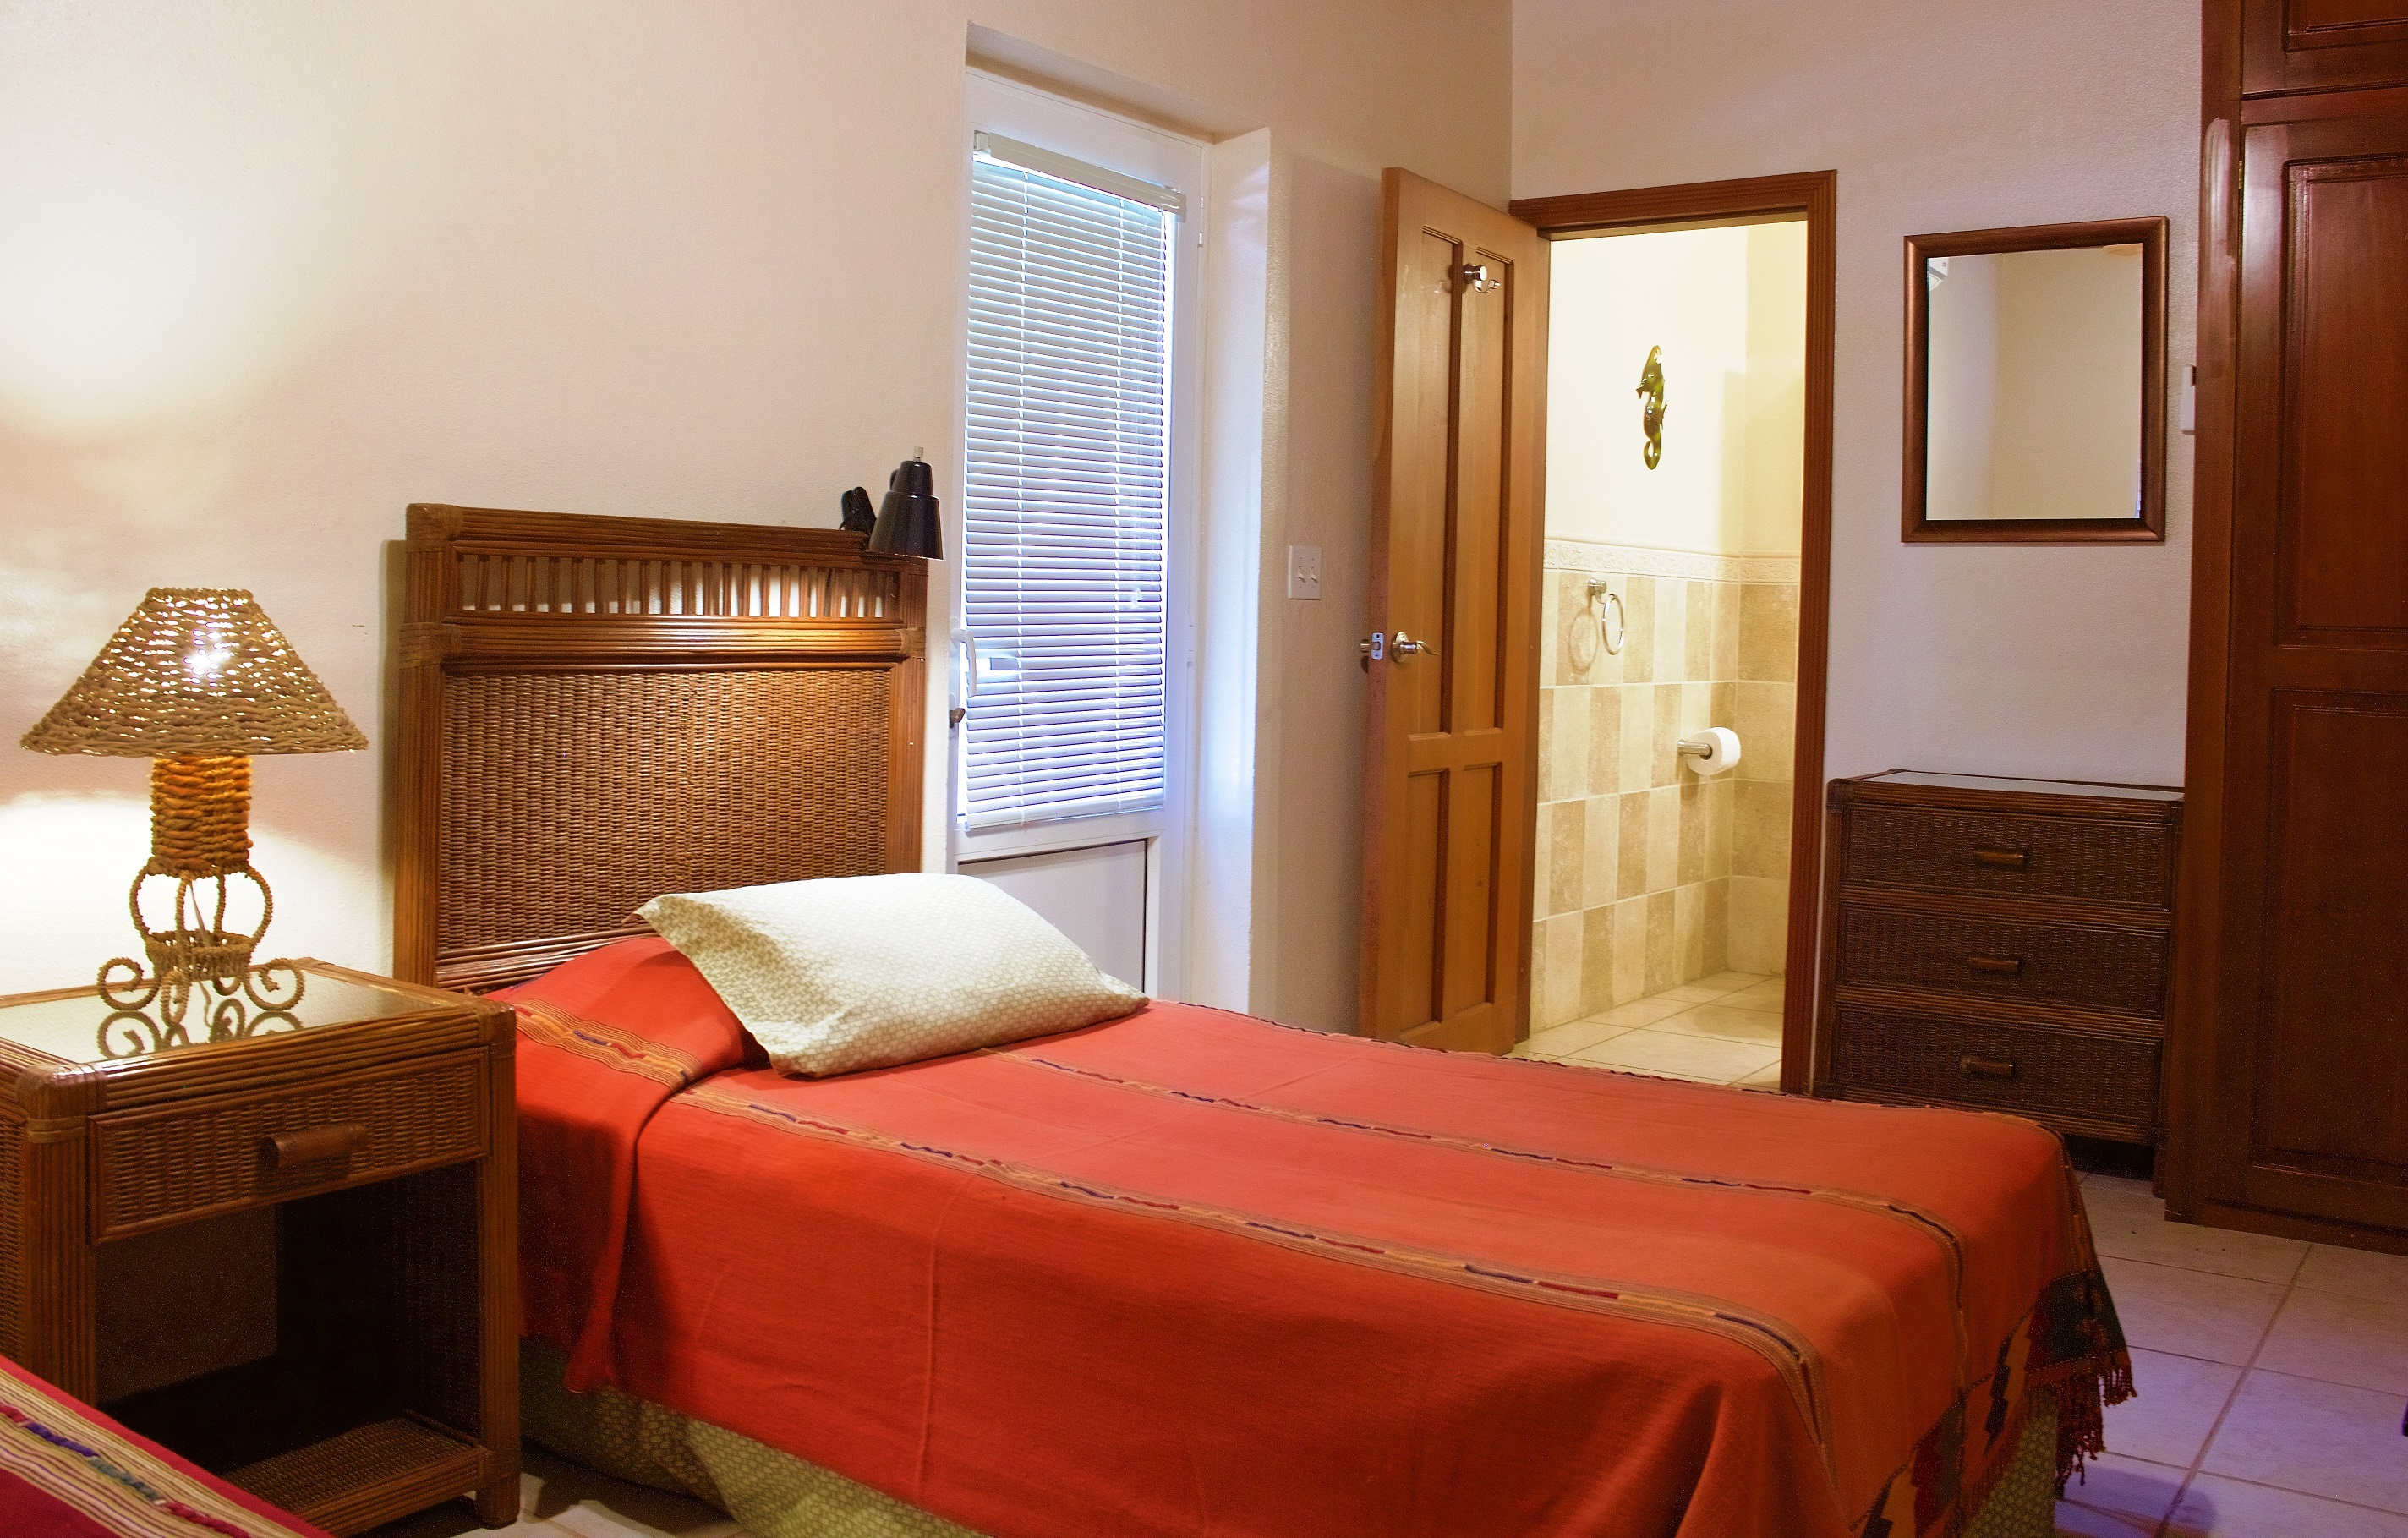 SV4B-guest-bedroom-en-suite-bathroom